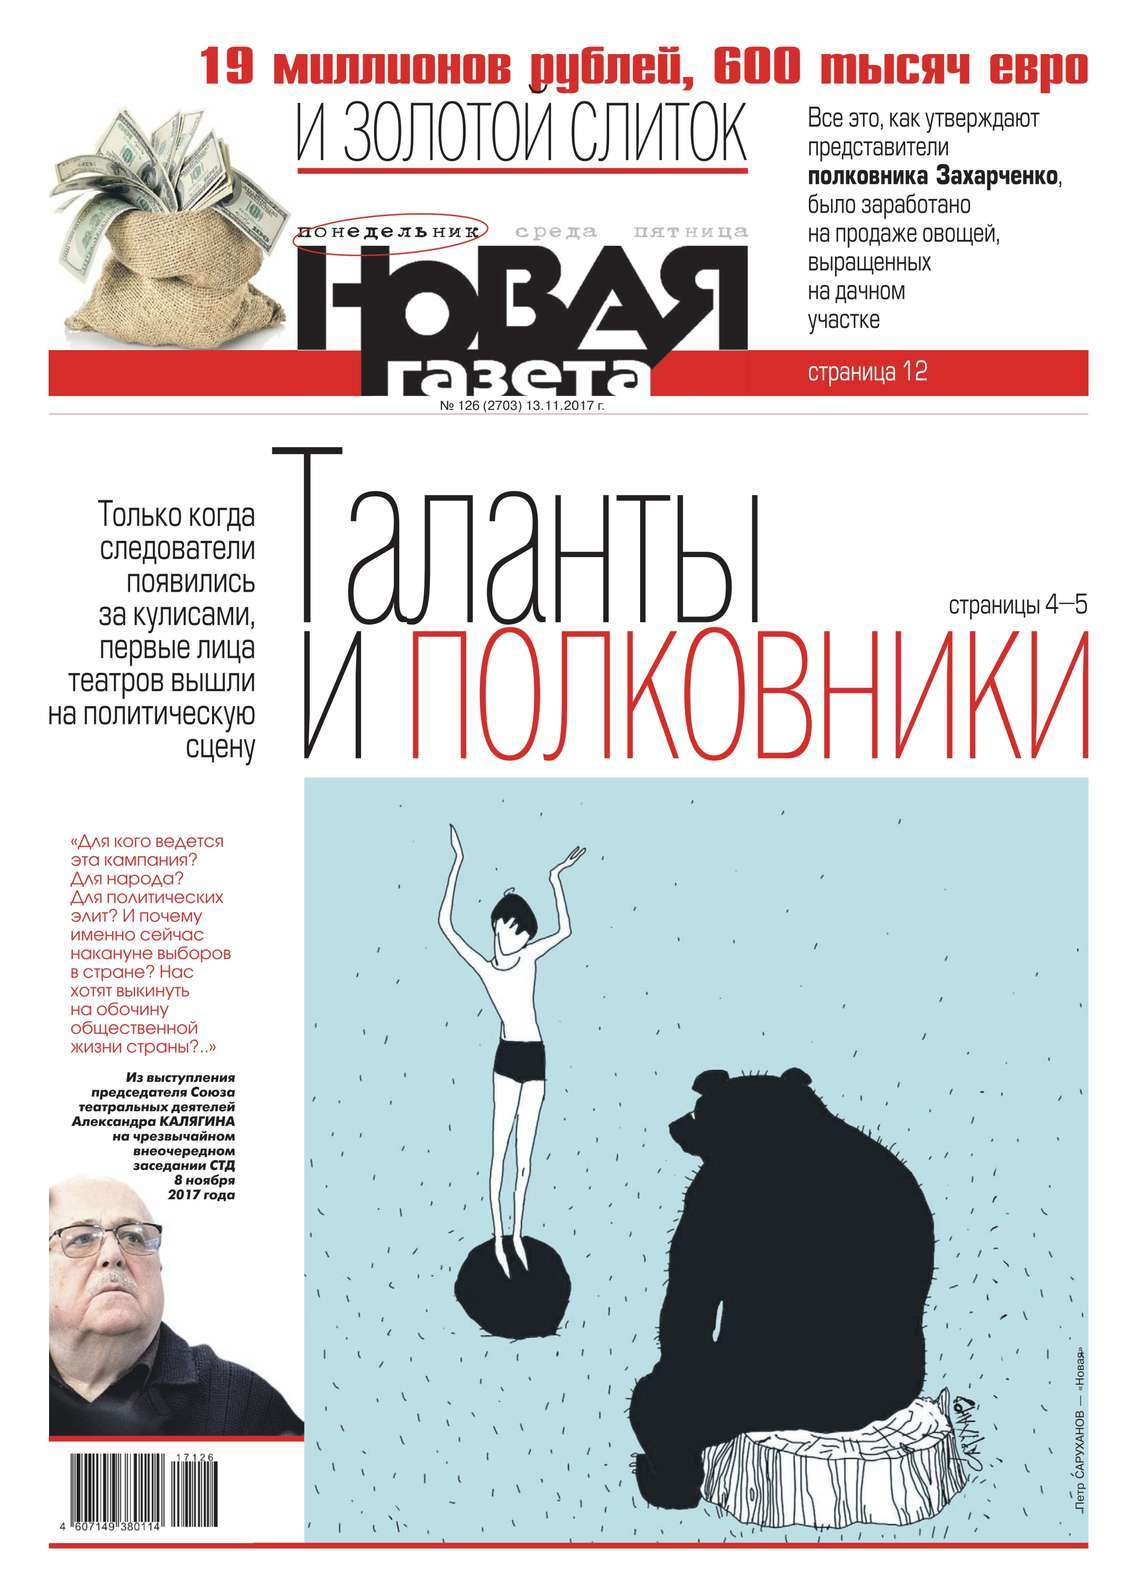 Редакция газеты Новая газета Новая Газета 126-2017